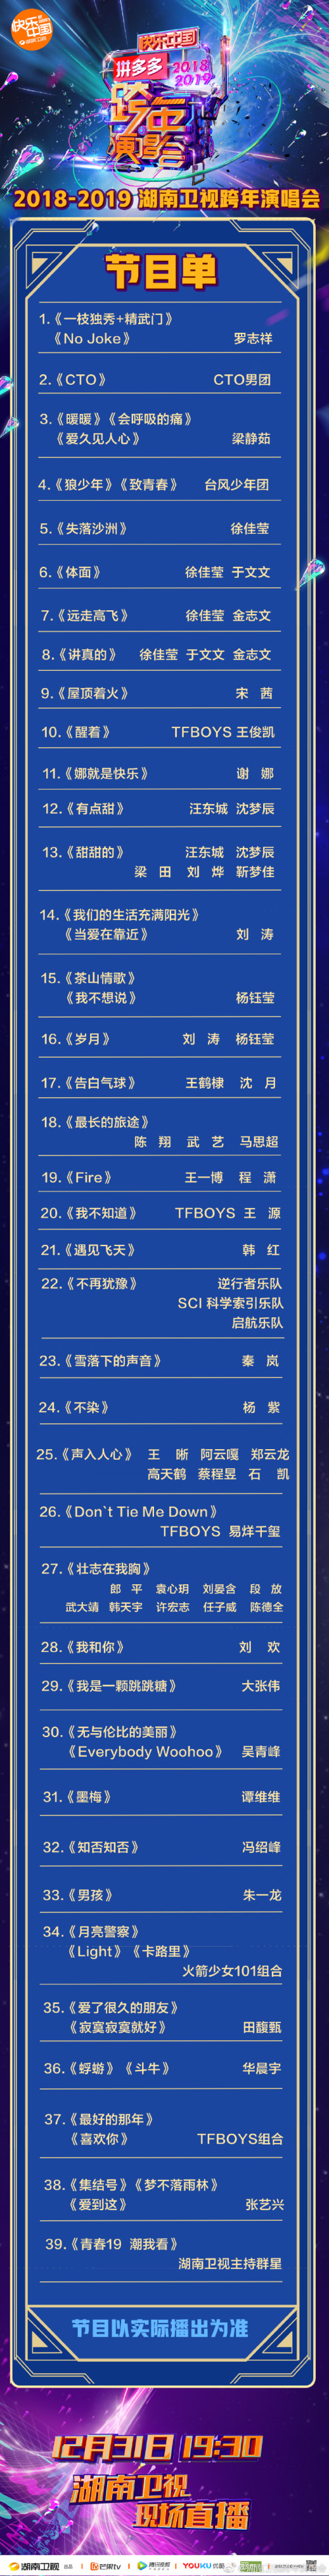 湖南卫视2018-2019跨年演唱会节目单(官方版)